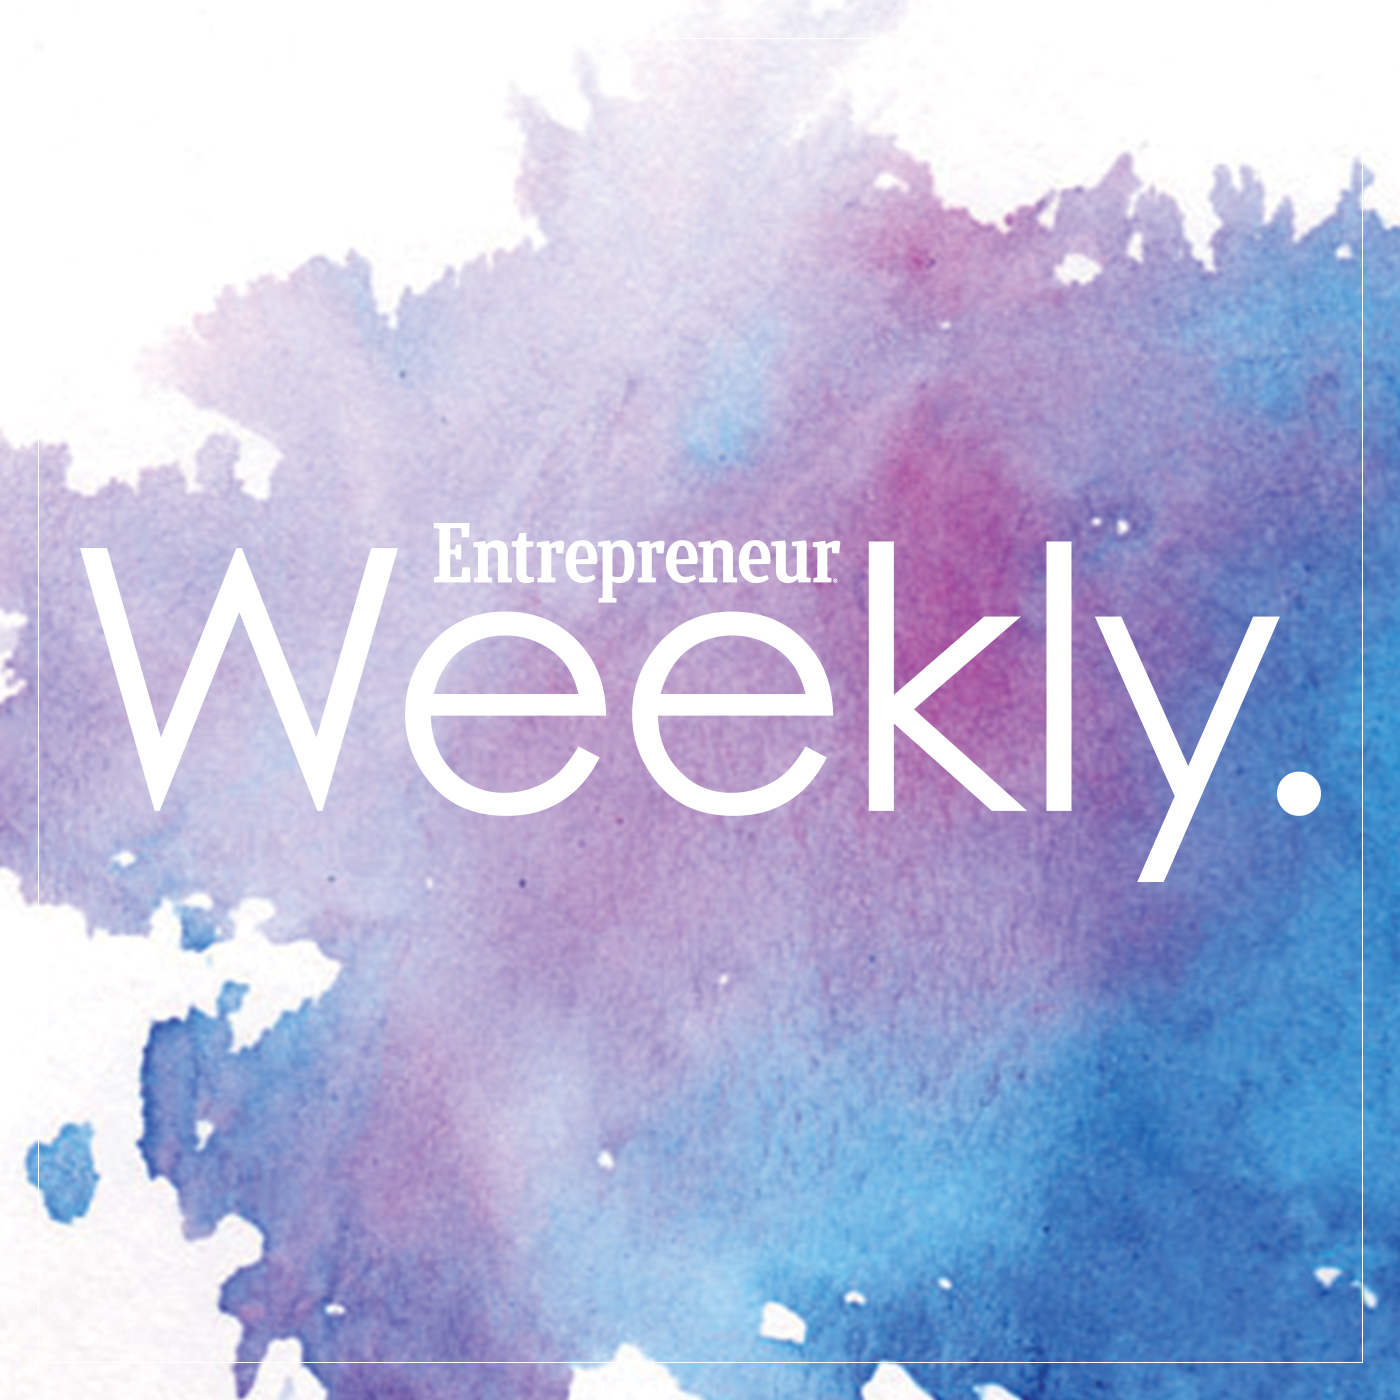 Entrepreneur Weekly show art